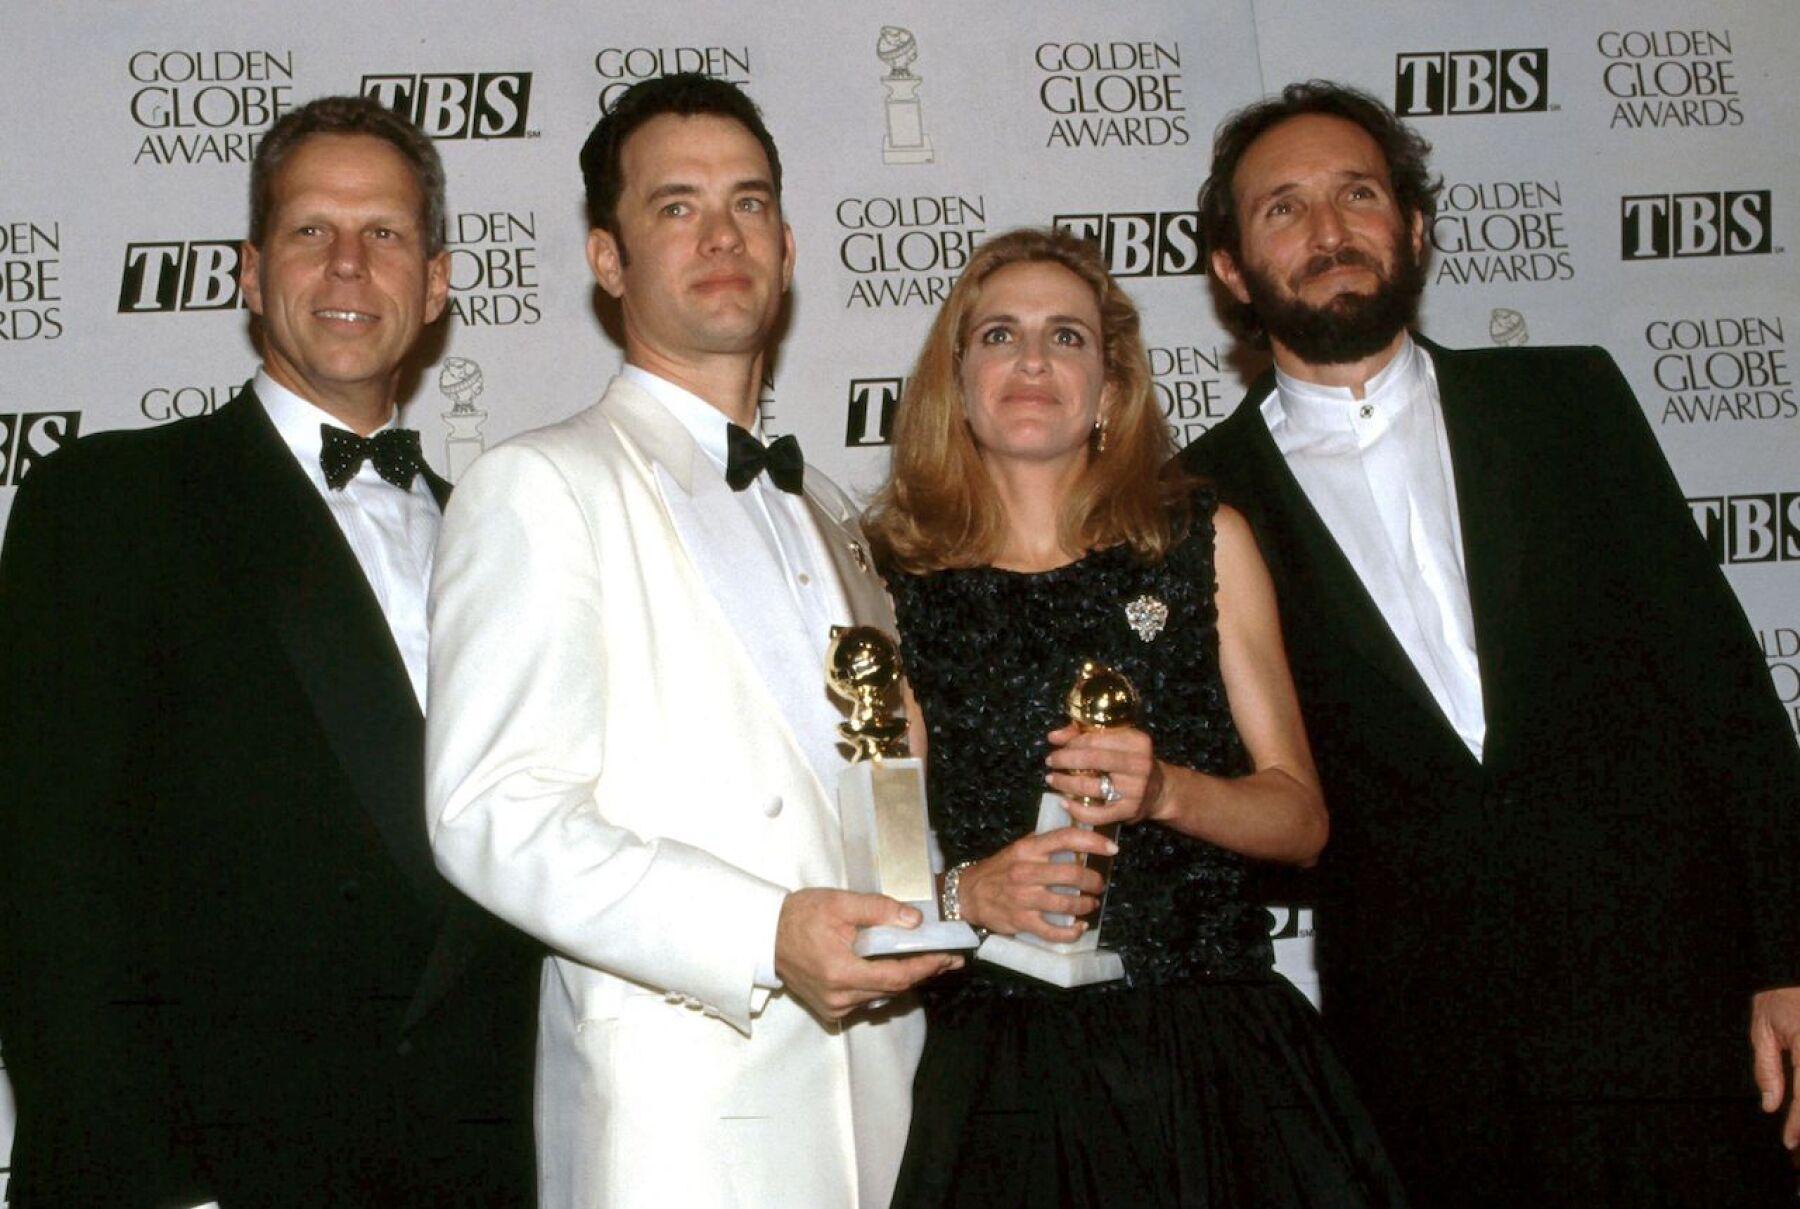 1995 Golden Globe Awards